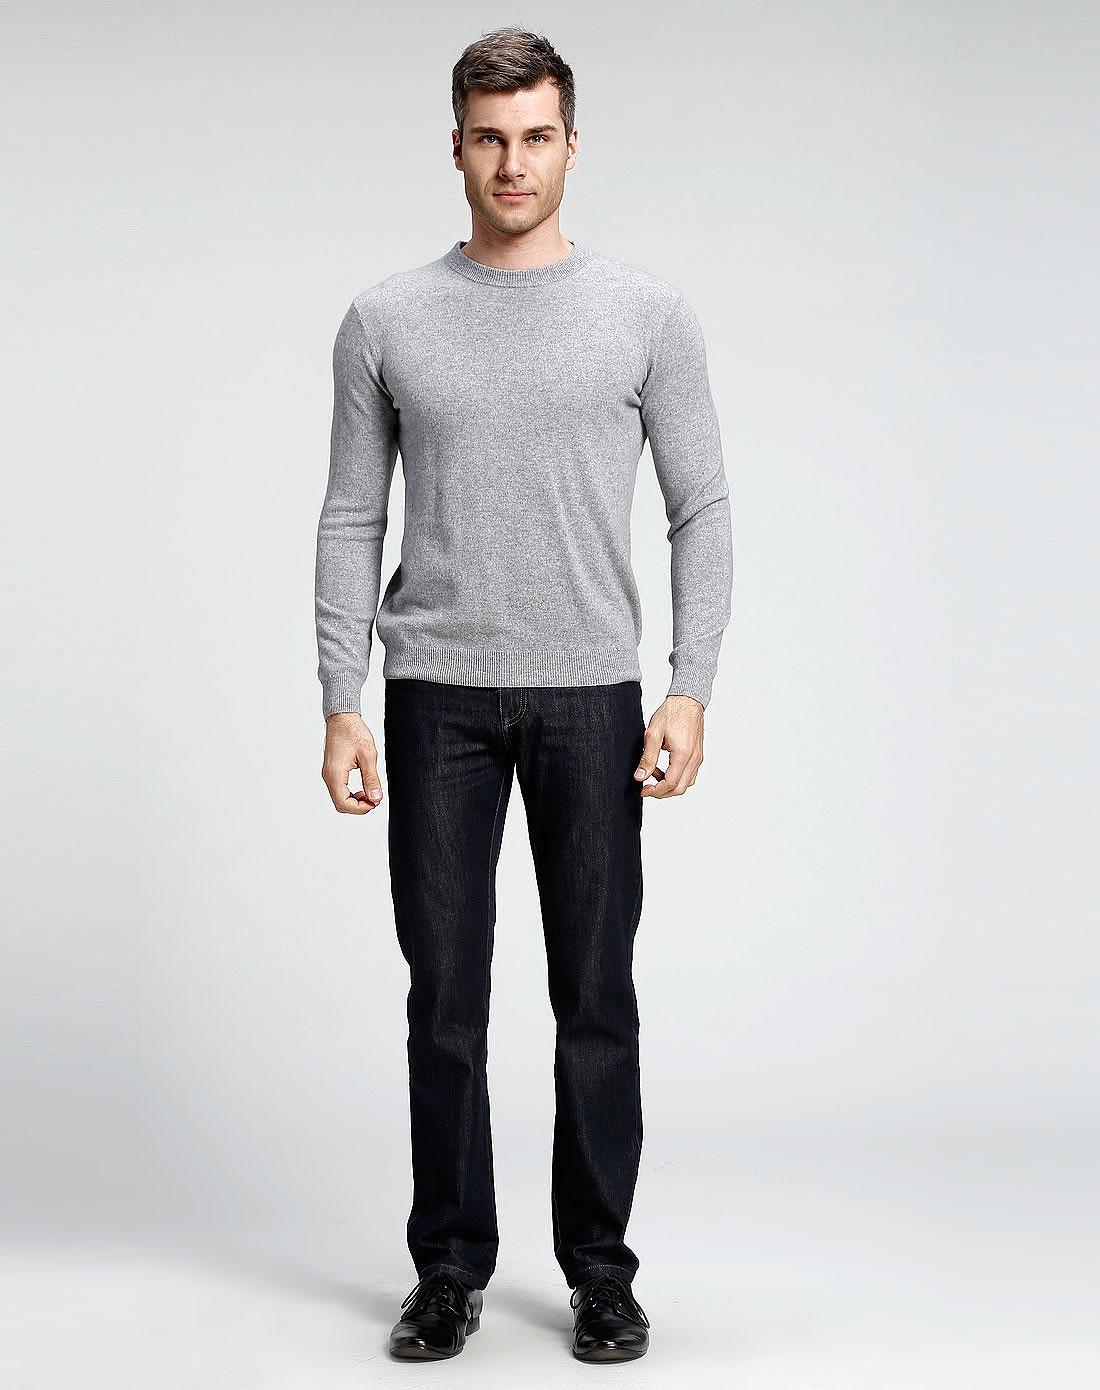 100%山羊绒浅灰色圆领长袖针织衫